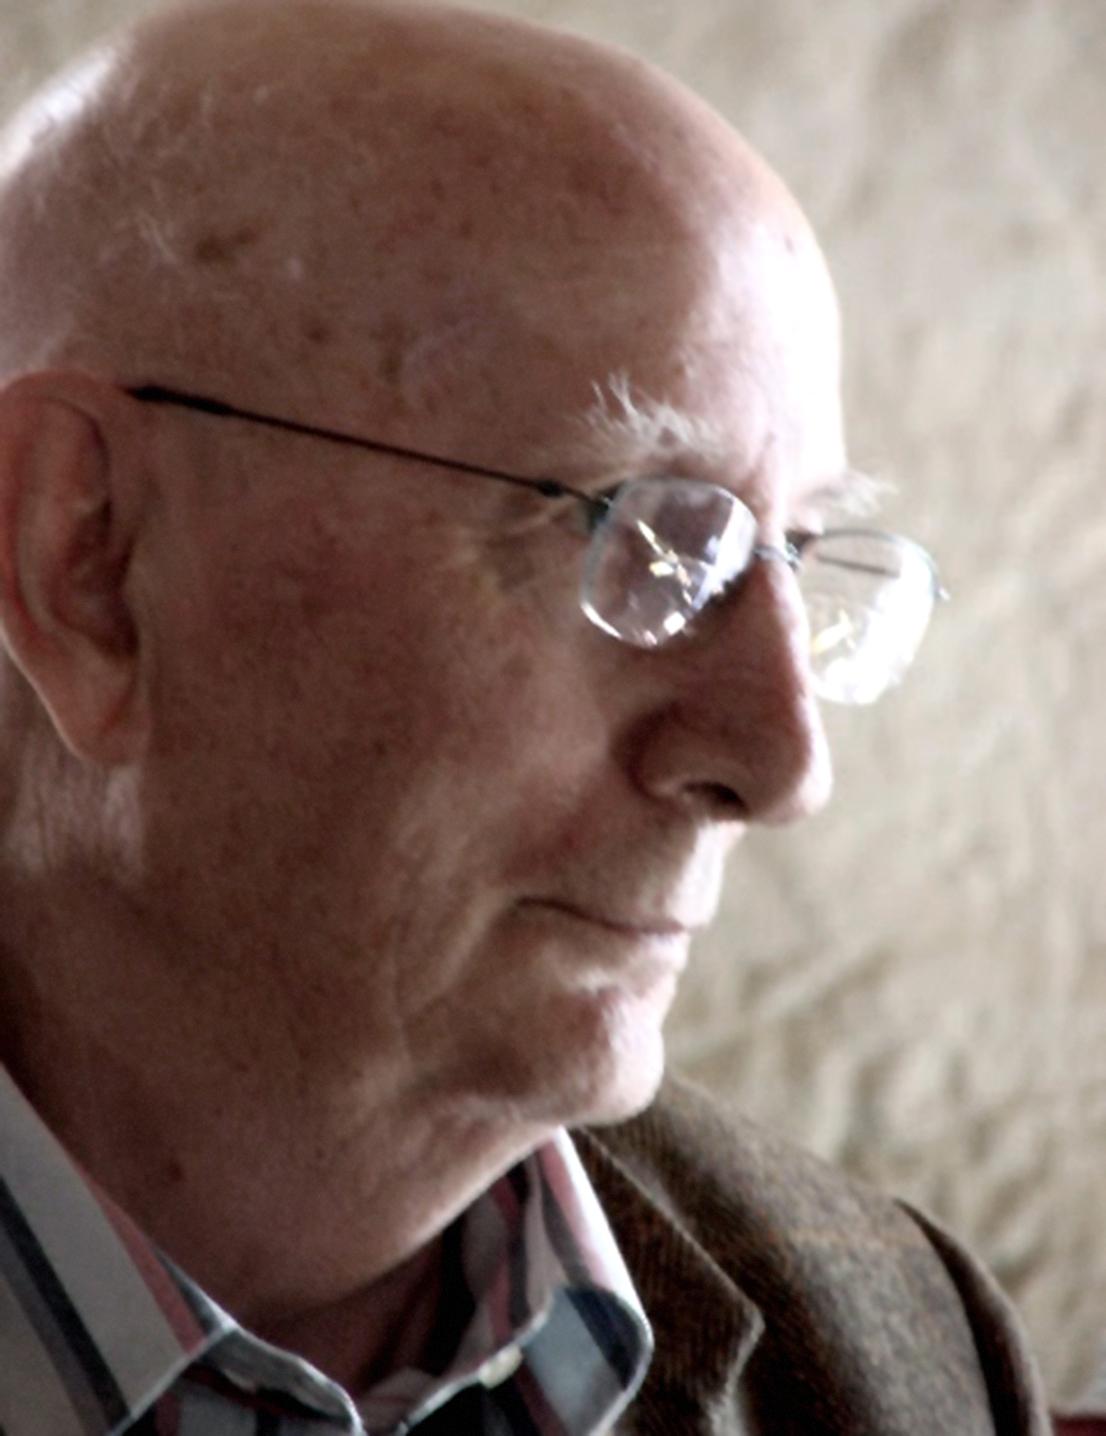 Christian Duquoc